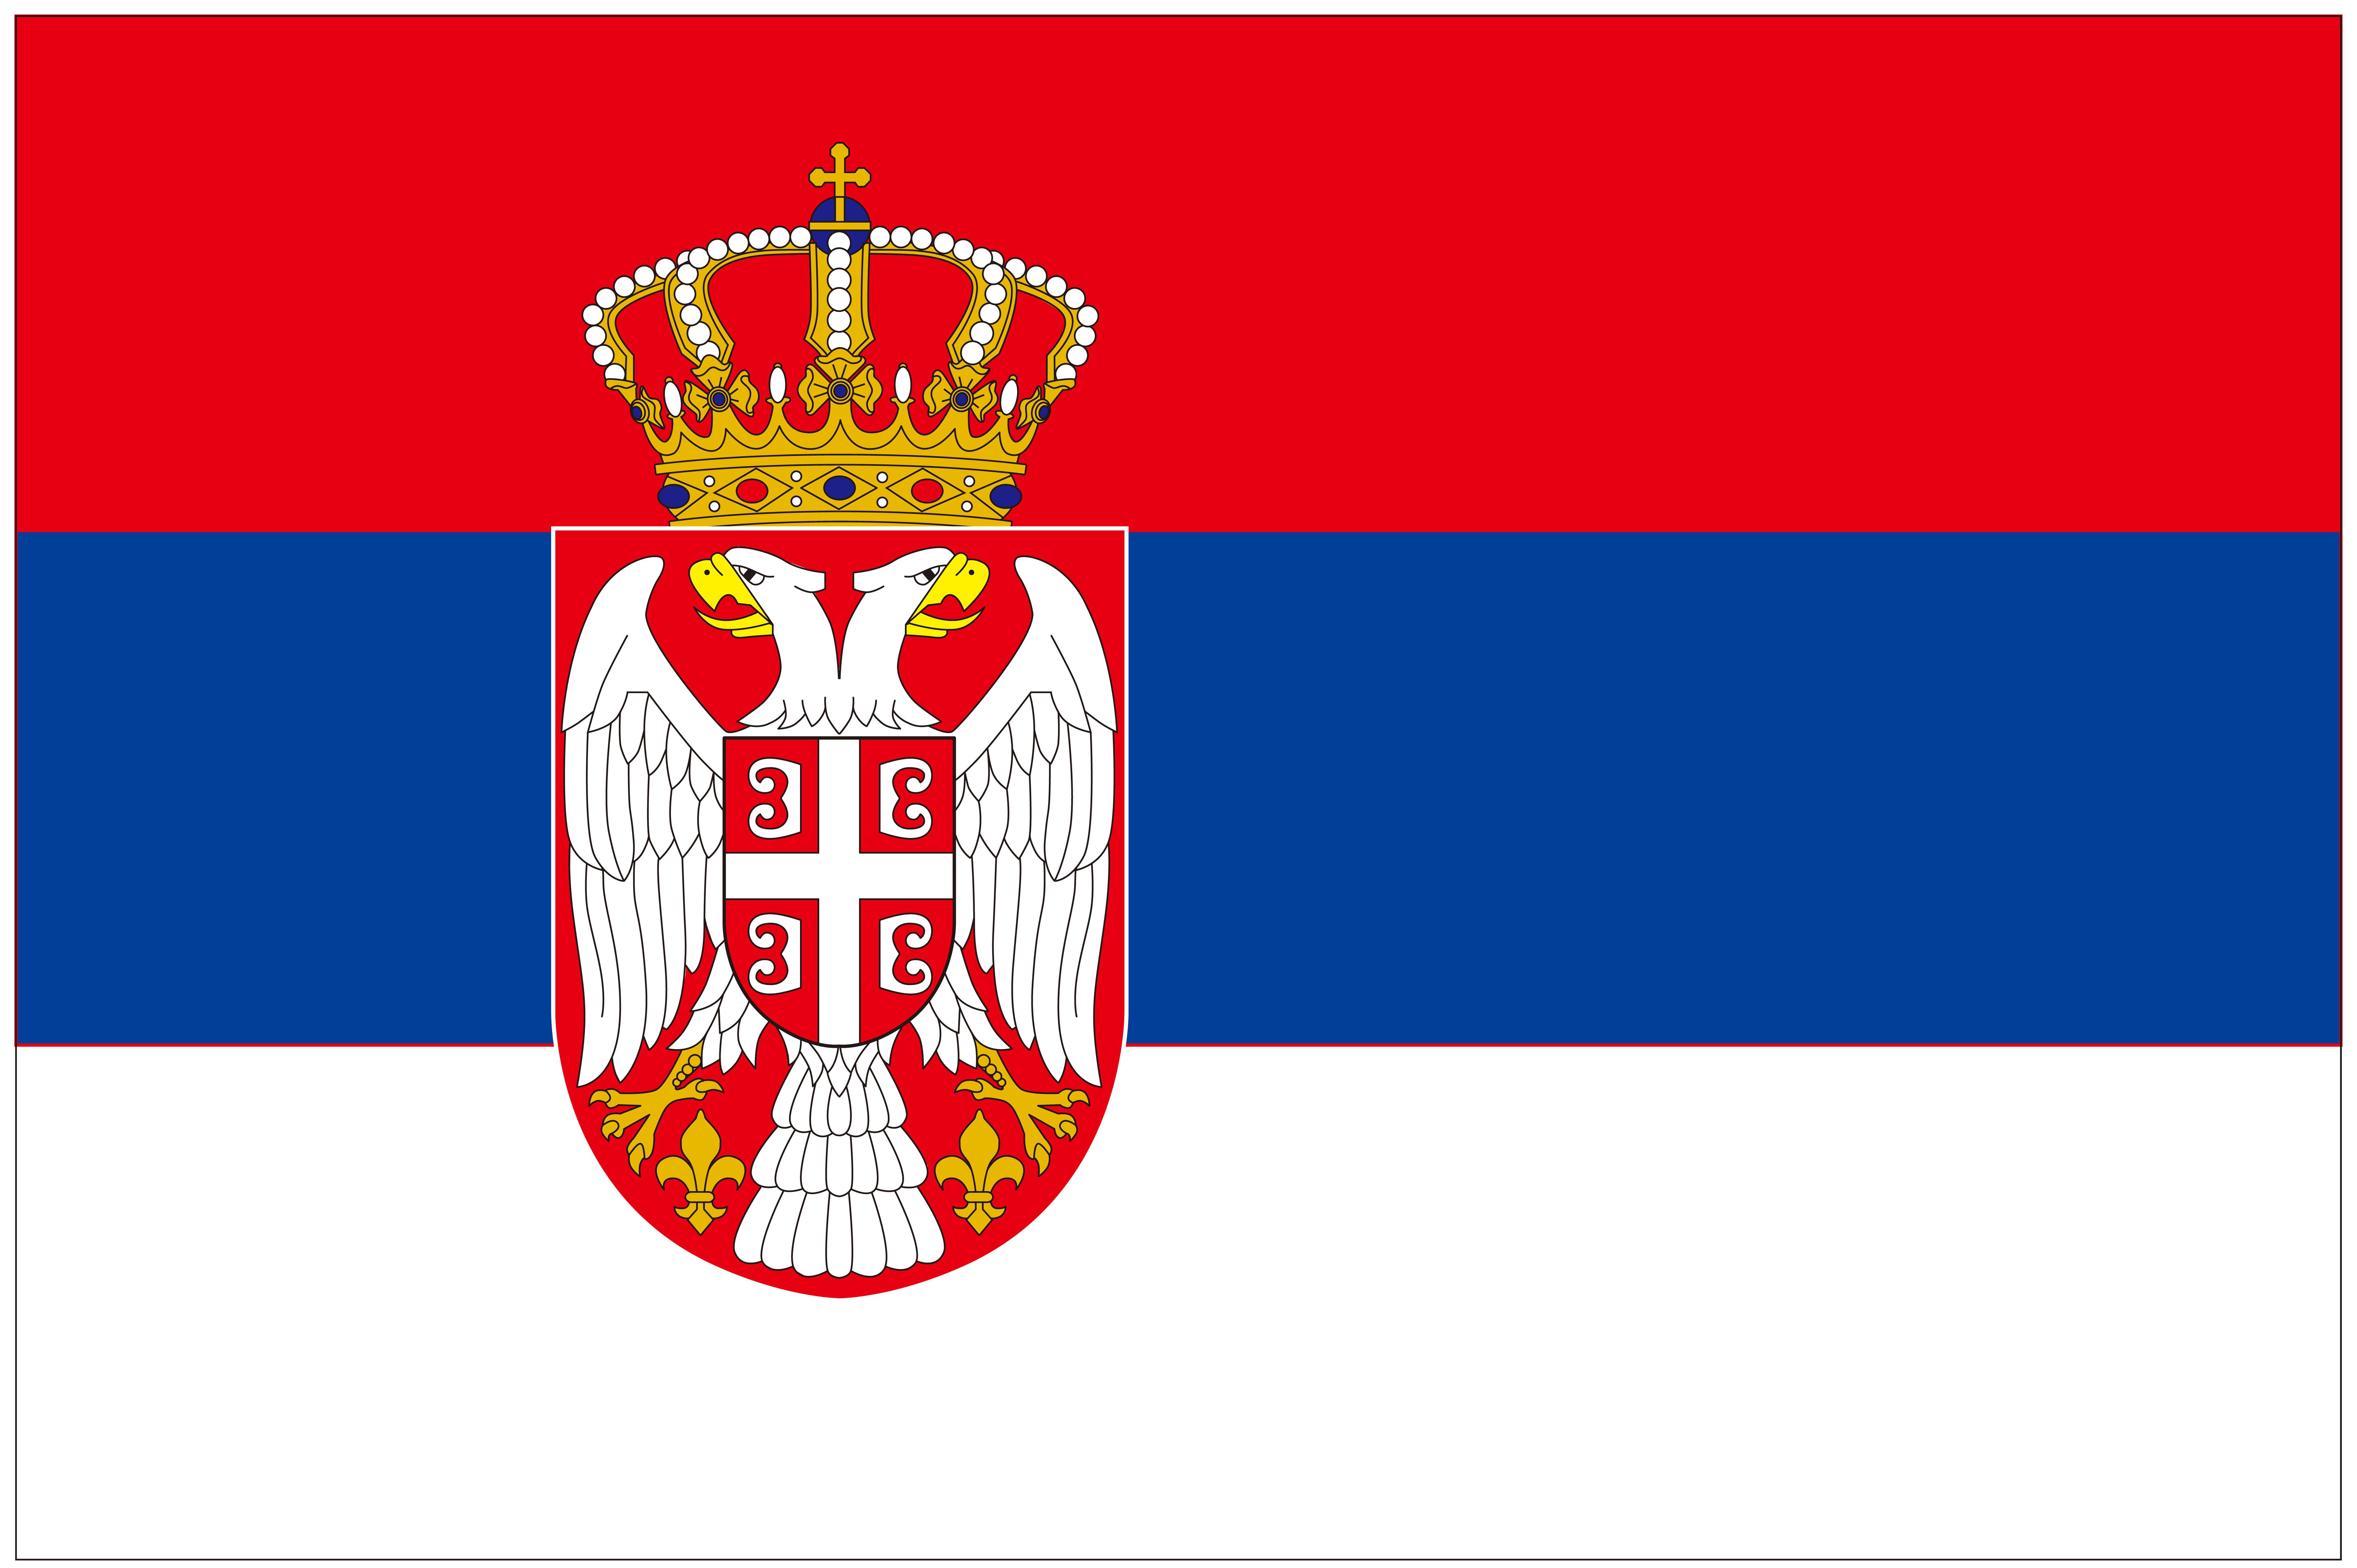 セルビア代表